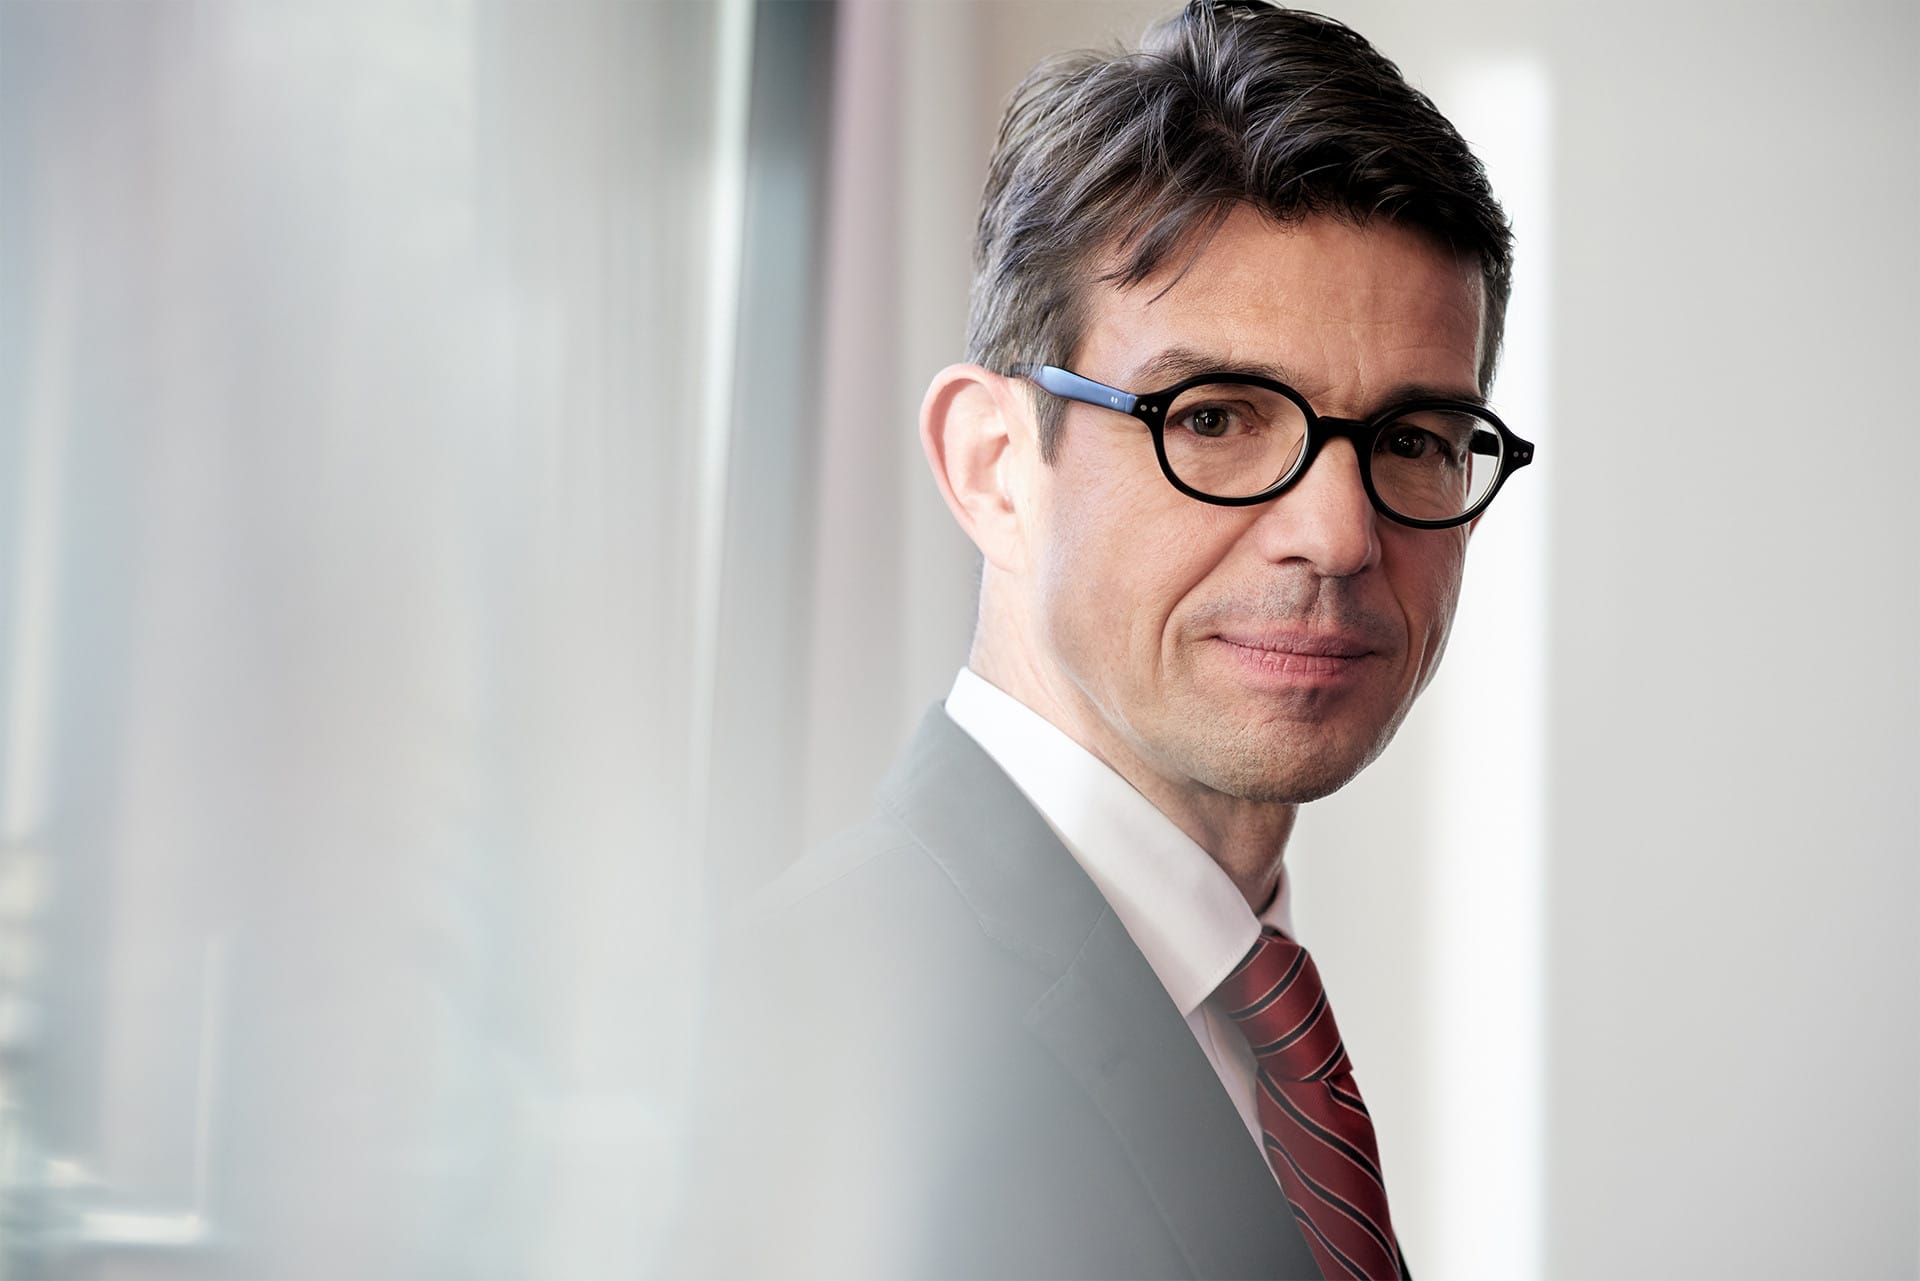 Dr. Nicolaus Pieper - Rechtsanwalt in Berlin bei Schwenke Schütz